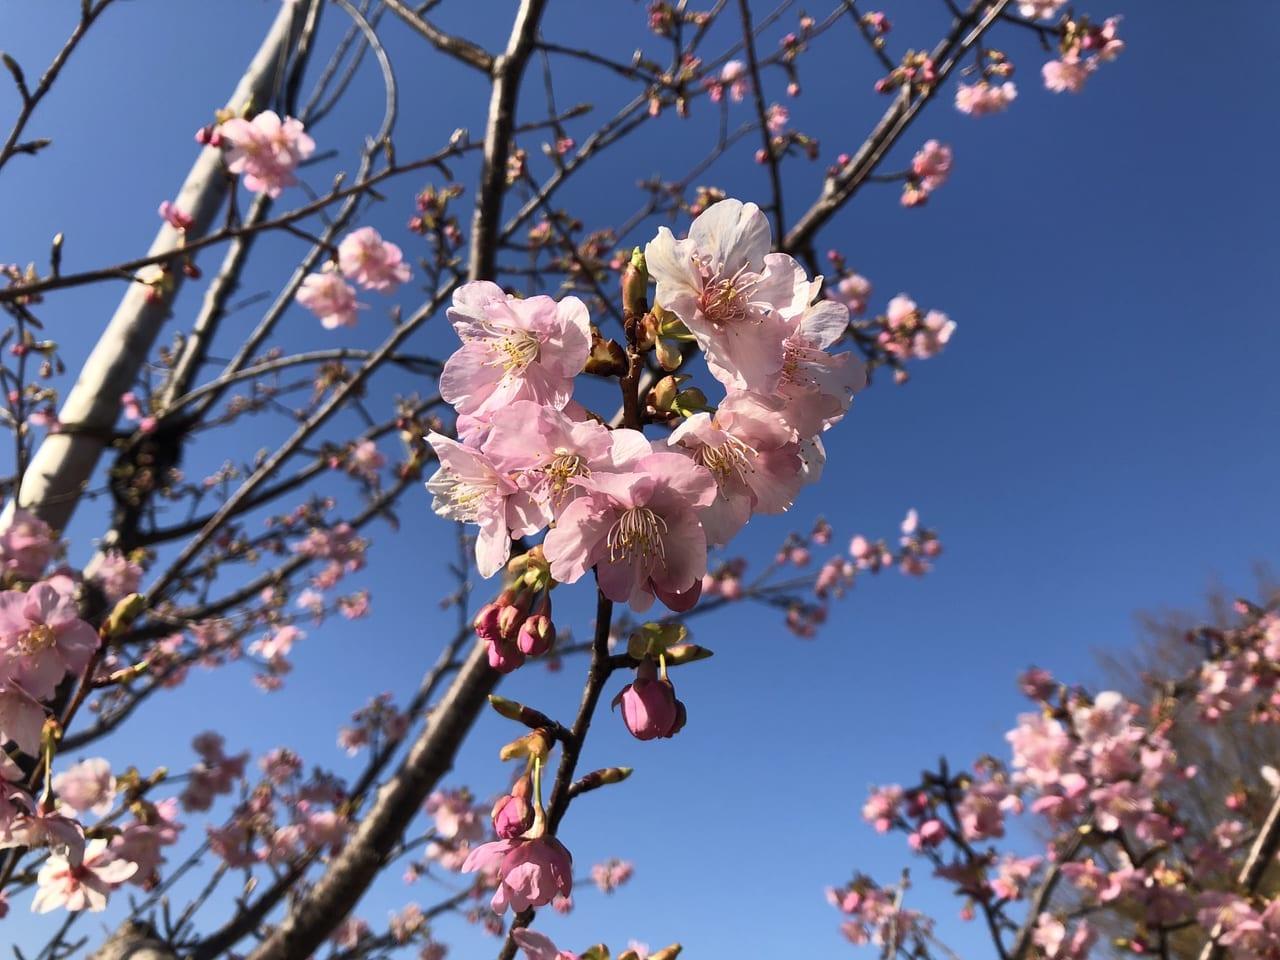 緑ヶ丘公園のさくらの丘の桜